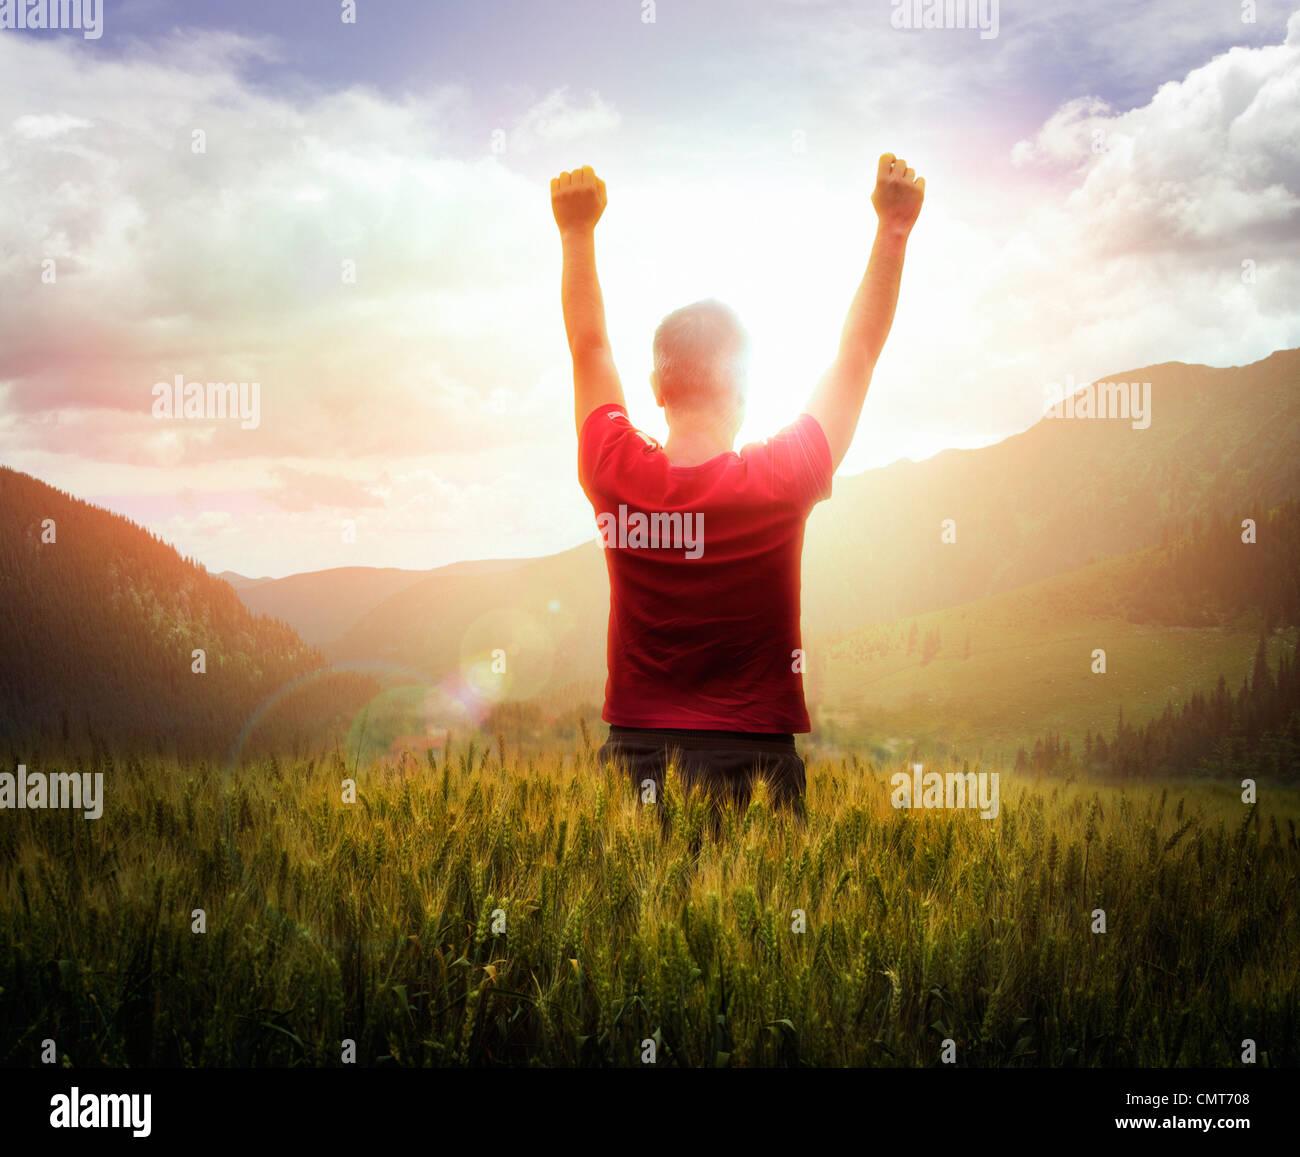 Joven con los brazos levantados mirando al atardecer con montañas por delante Imagen De Stock